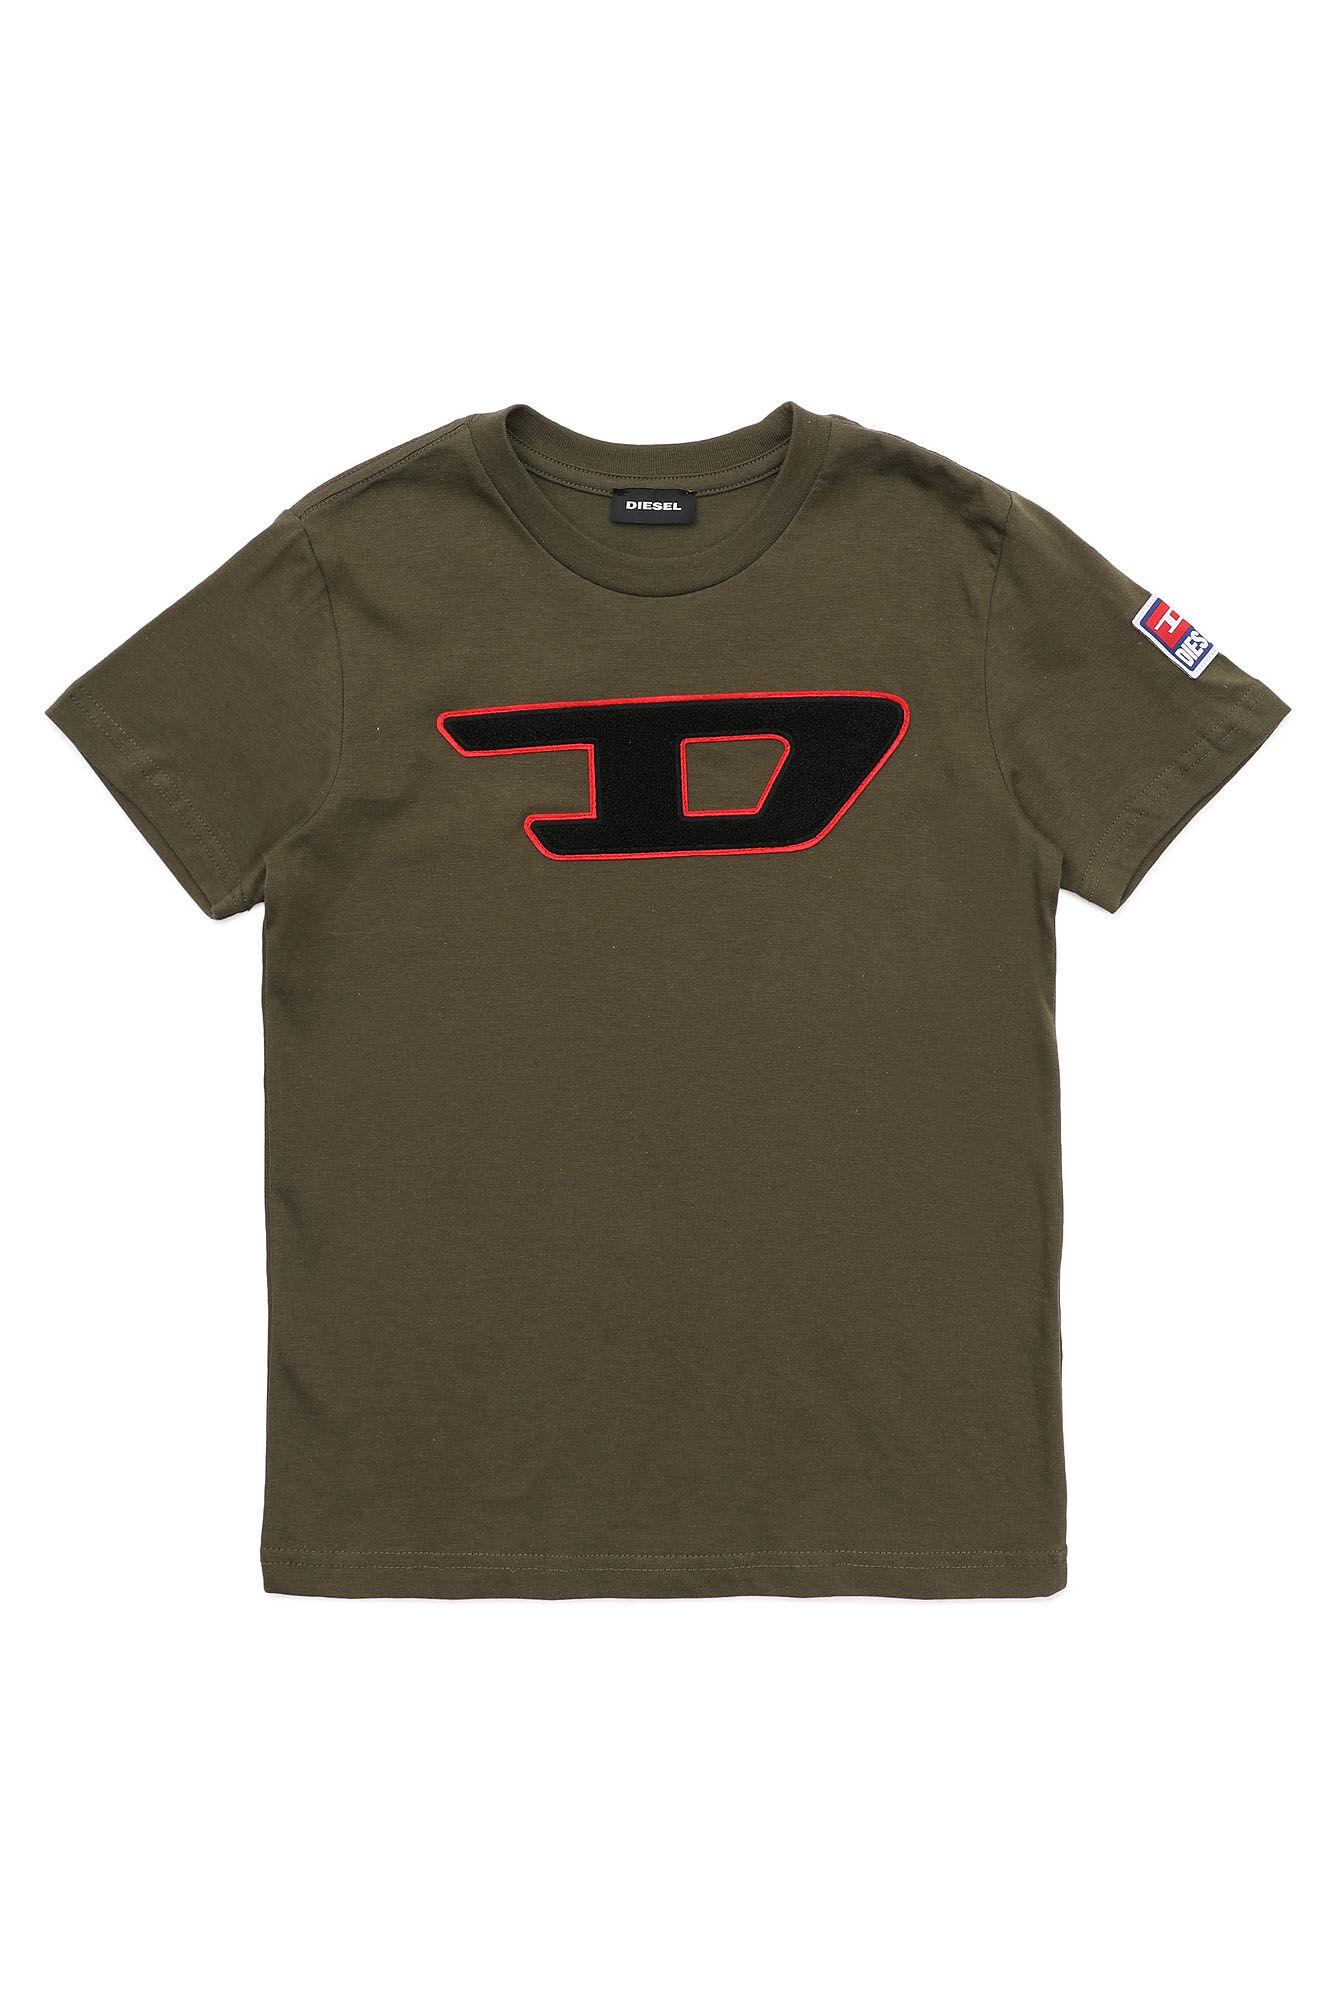 Tjustdivision-D Maglietta - Diesel Kid